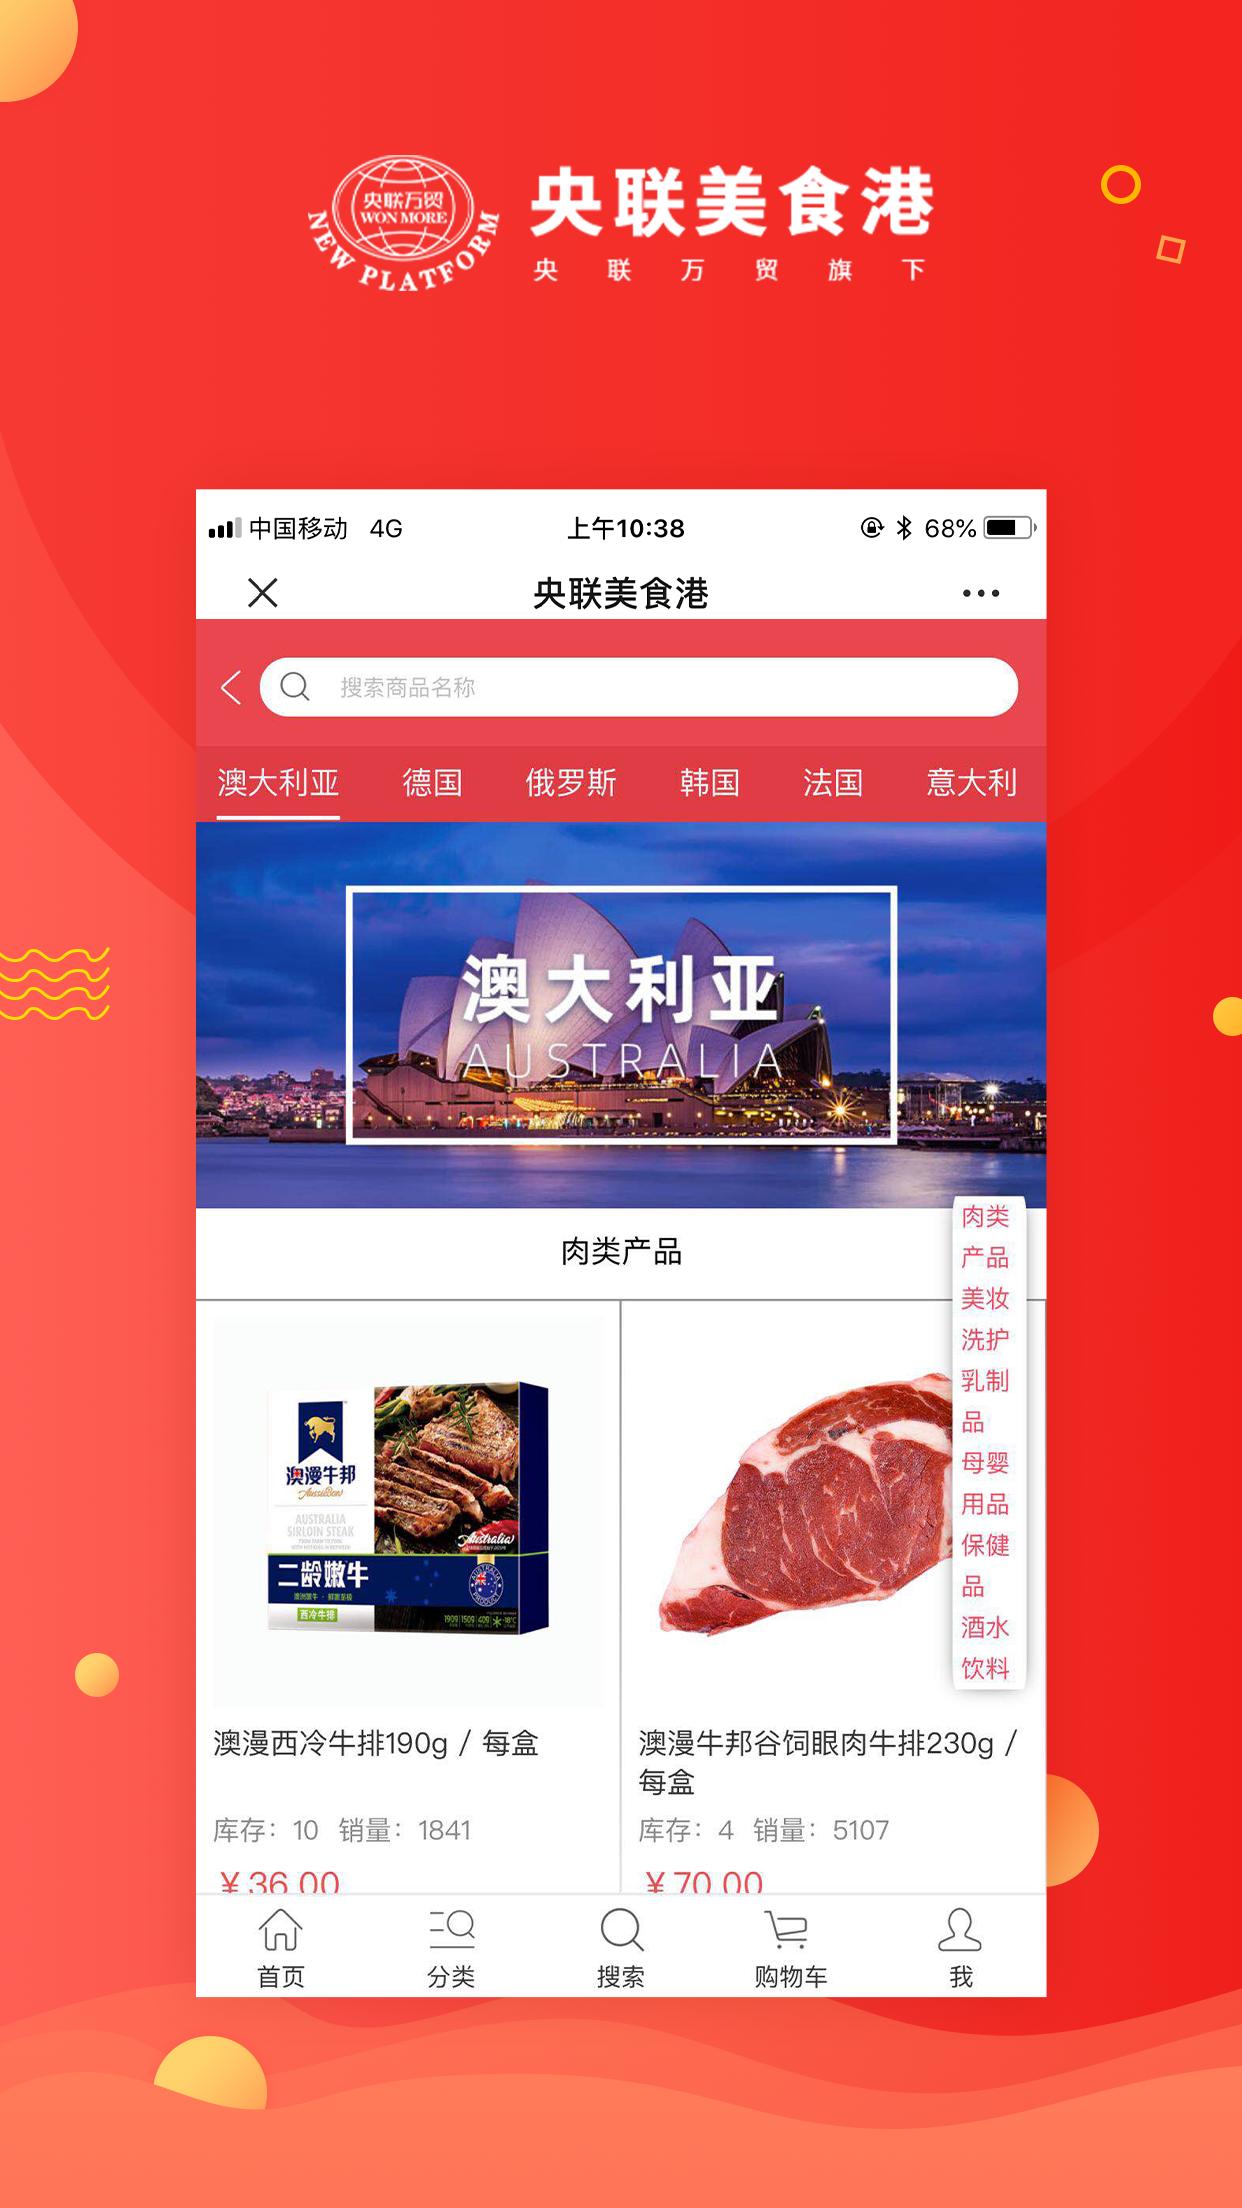 央联美食港 V1.0.10 安卓版截图3